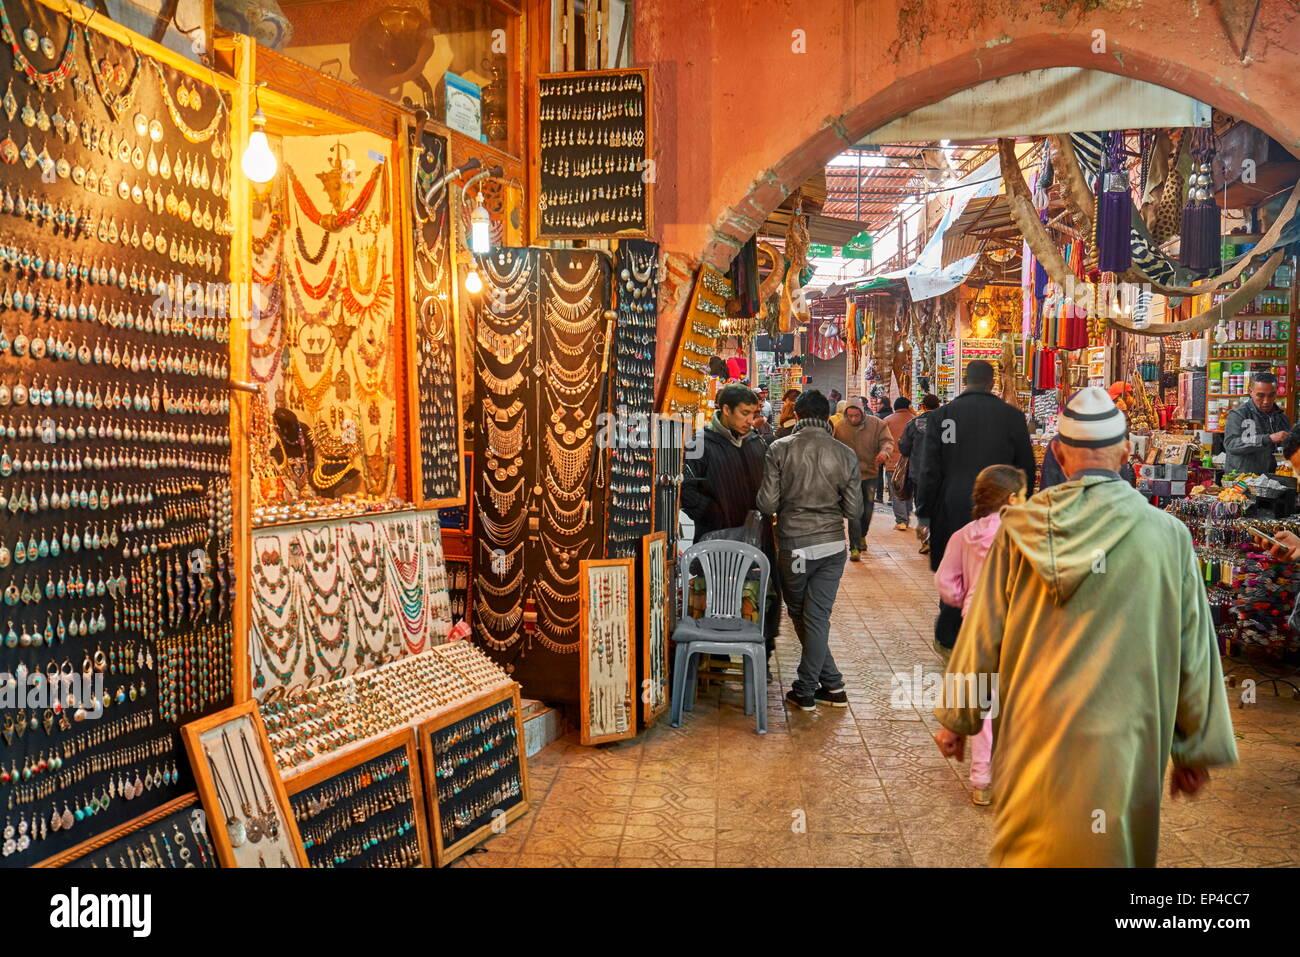 Marrakech Medina, local souk, Morocco, Africa - Stock Image